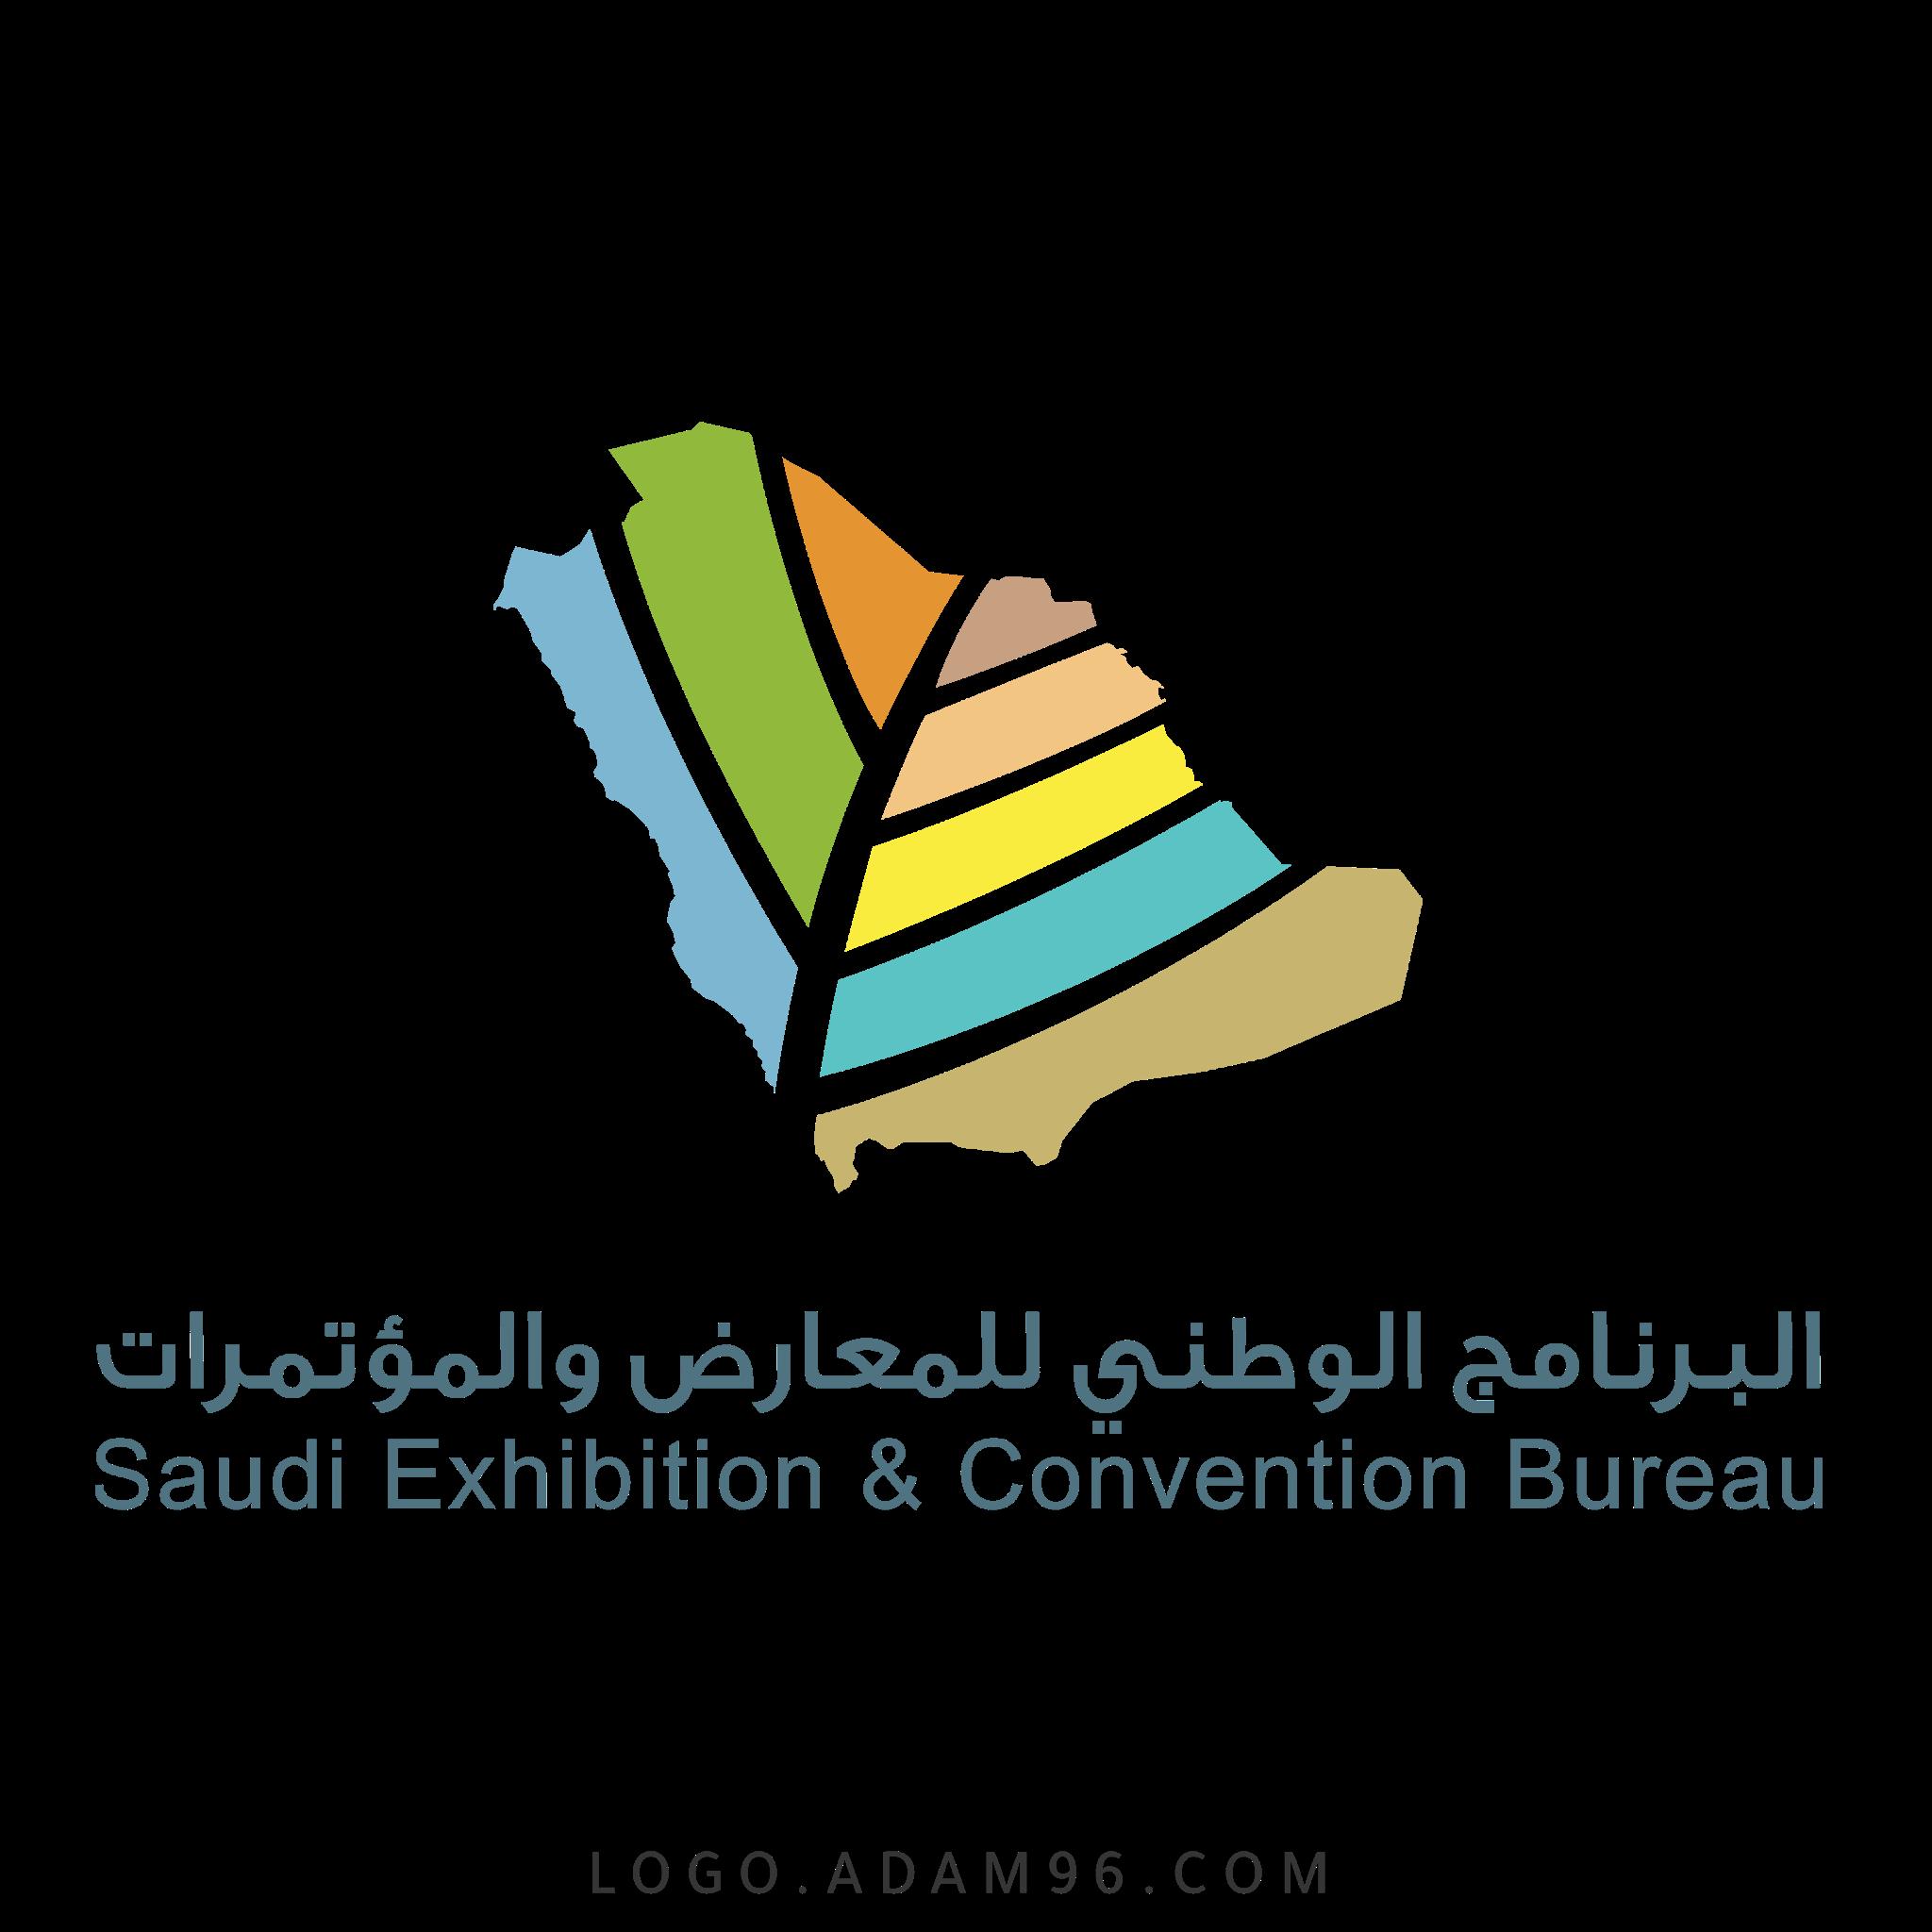 تحميل شعار البرنامج الوطني للمعارض والمؤتمرات لوجو رسمي عالي الجودة PNG